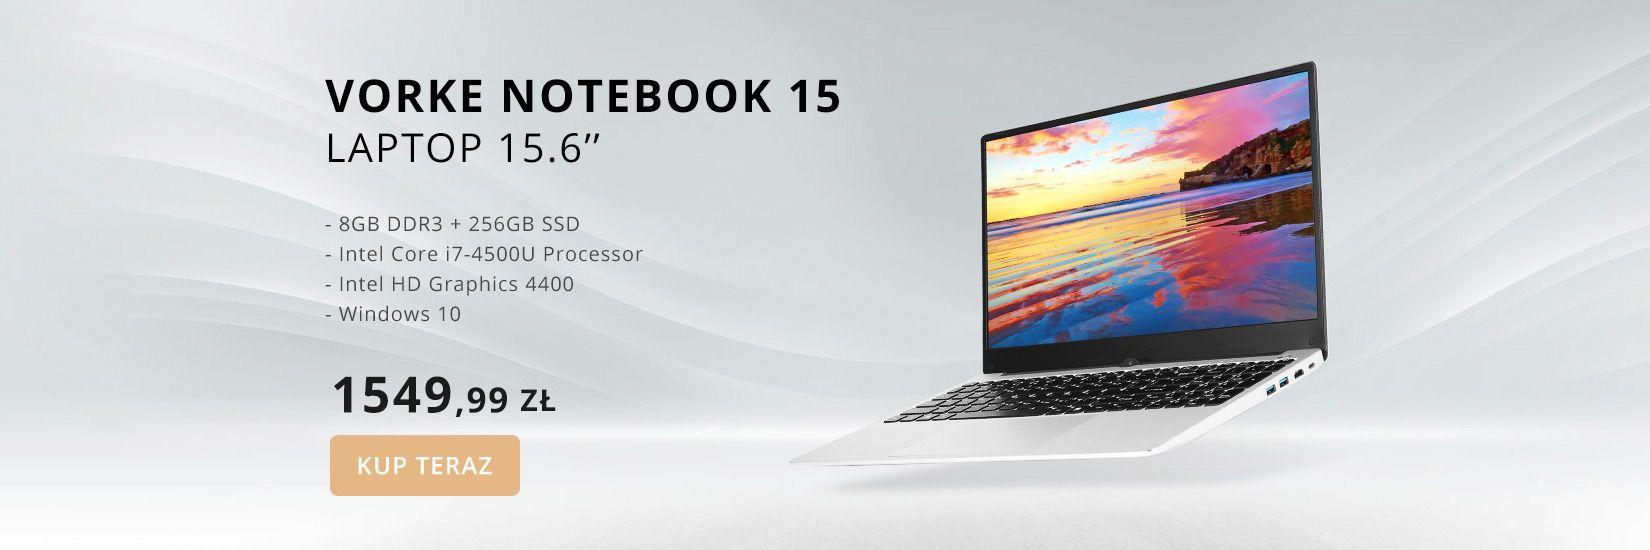 VORKE Notebook 15